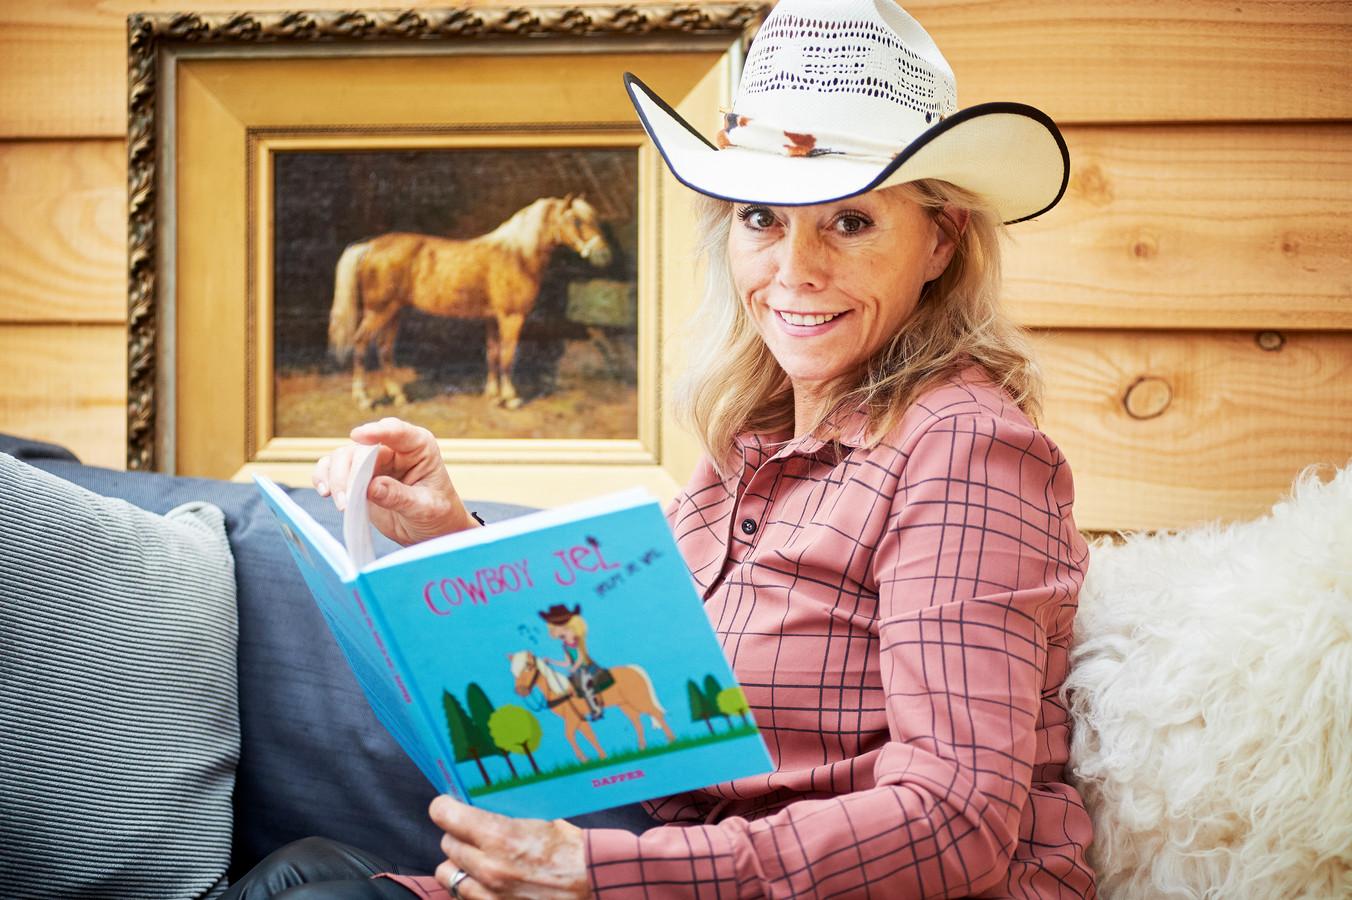 Mariëlle van Berkom uit Uden is coach en heeft oa. een kinderboekje gemaakt onder de naam Cowboy Jel om kinderen te helpen hun onzekerheid te overwinnen.